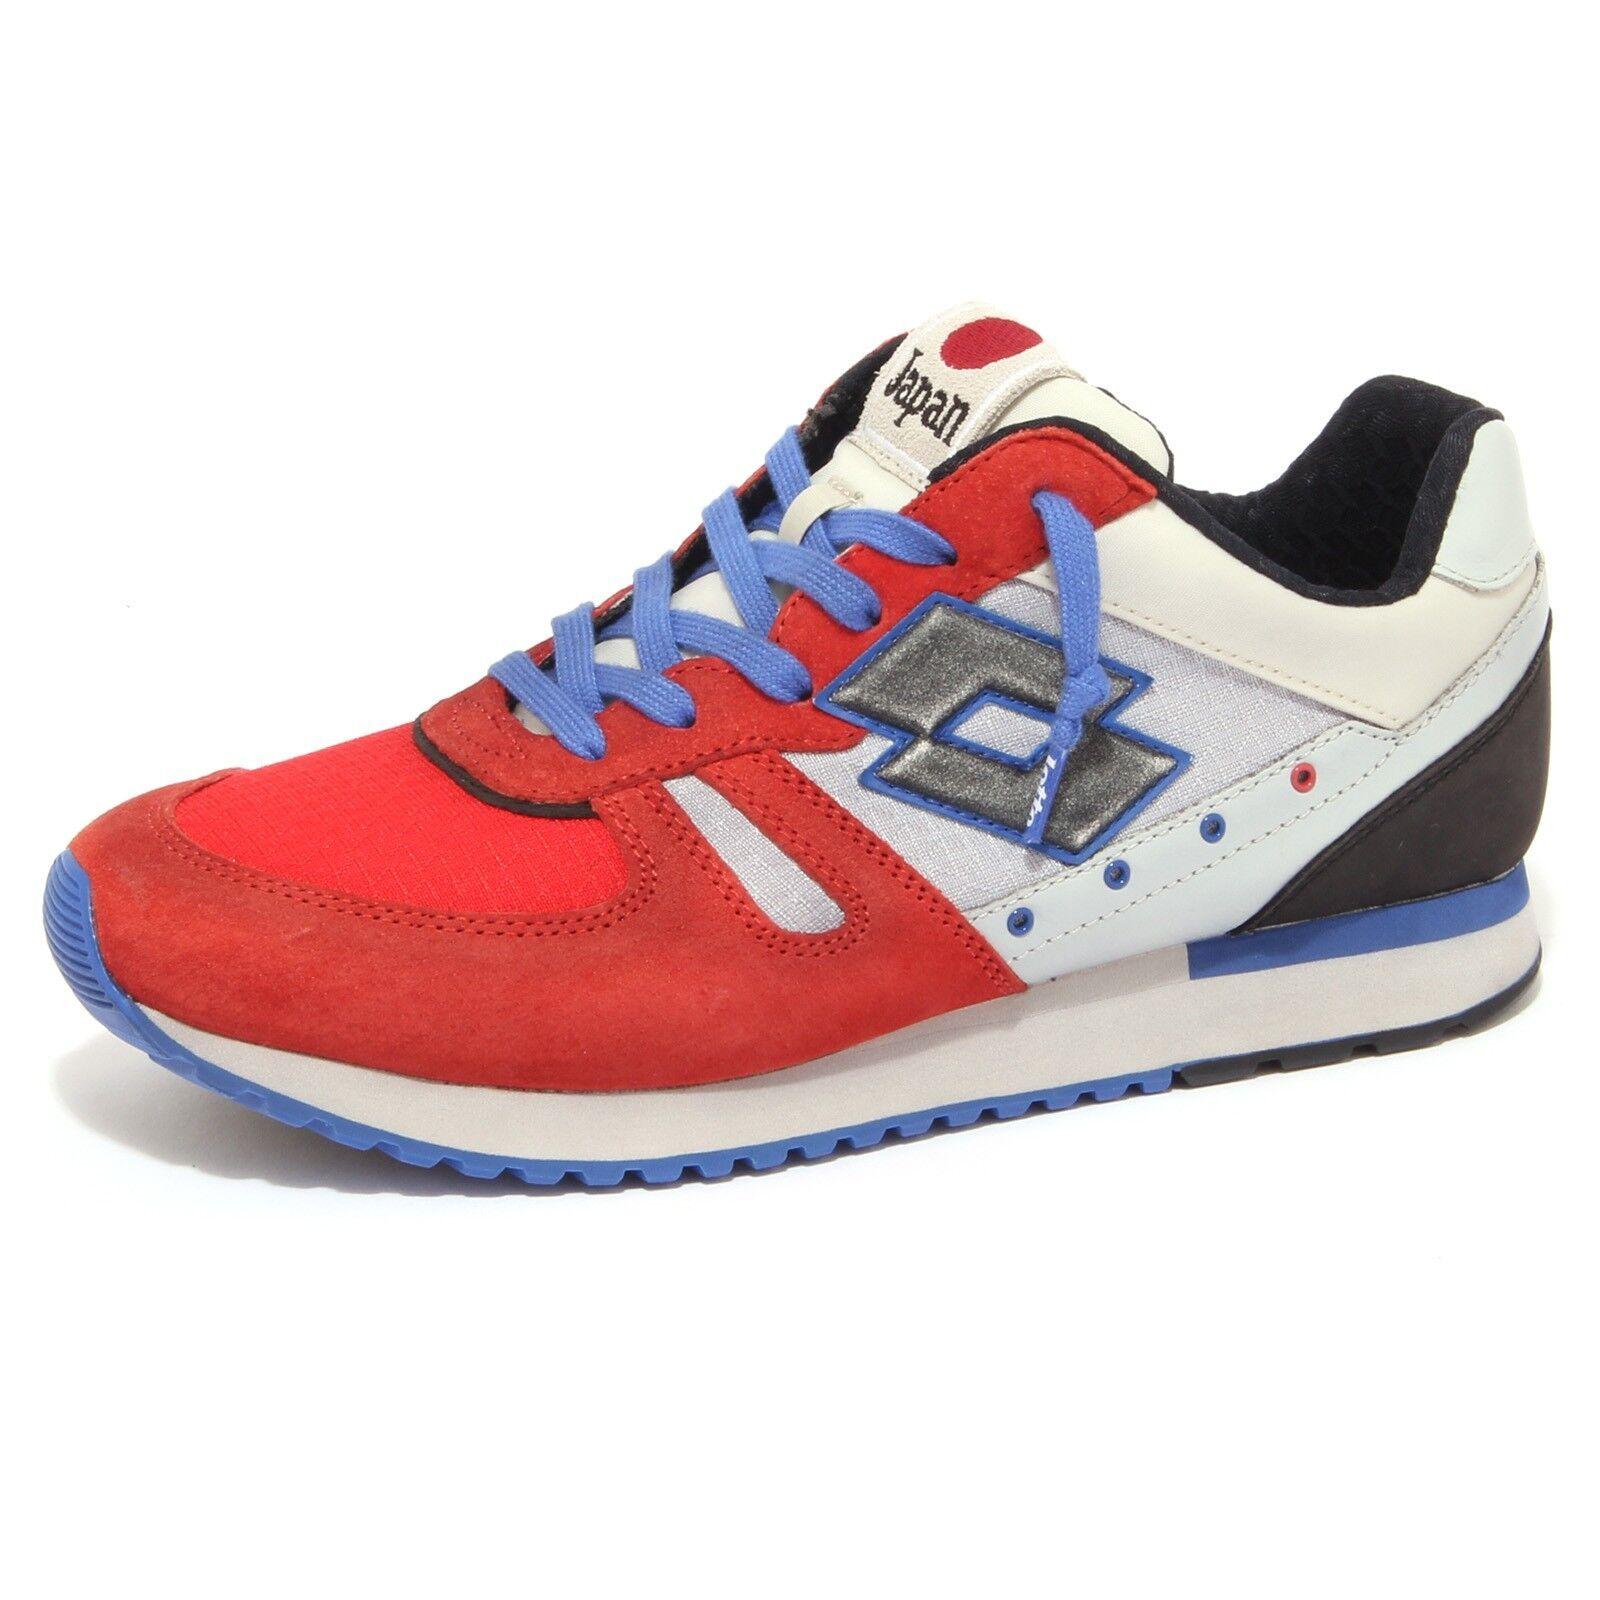 9120P sneaker uomo LOTTO LEGGENDA TOKYO SHIBUYA rosso/grigio/blu/nero shoe Uomo